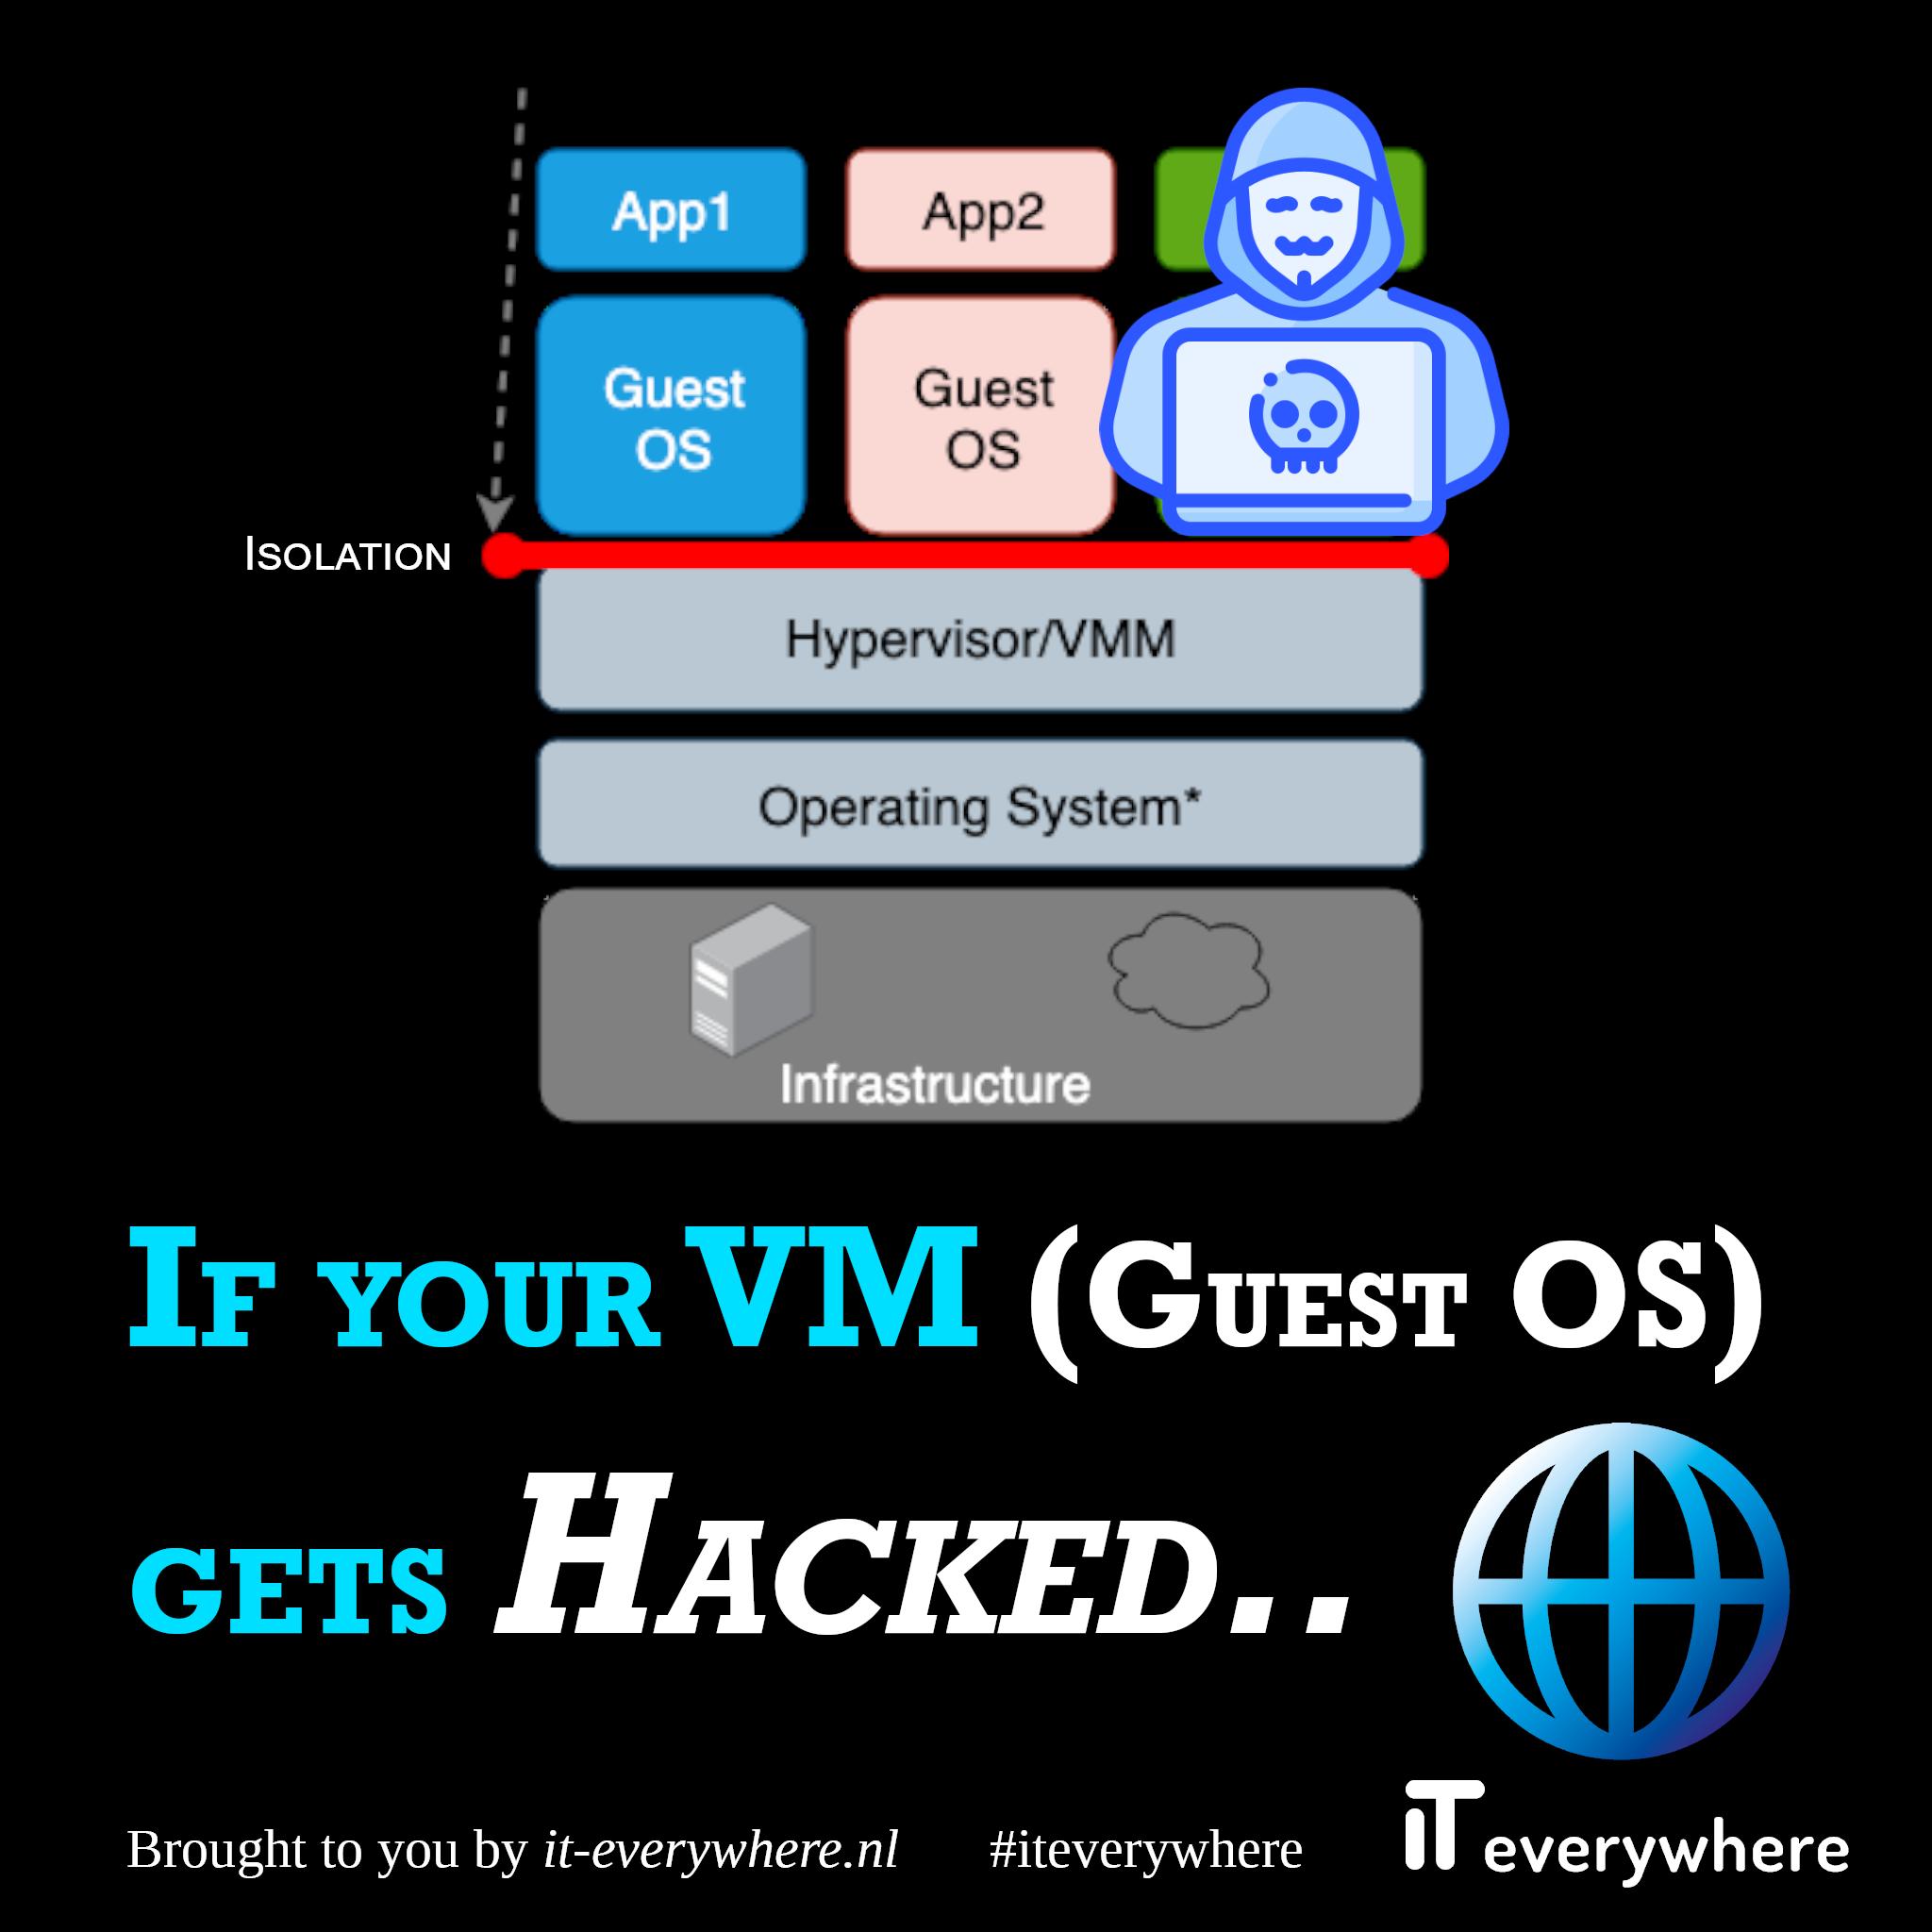 Dus als je VM gehacked wordt...